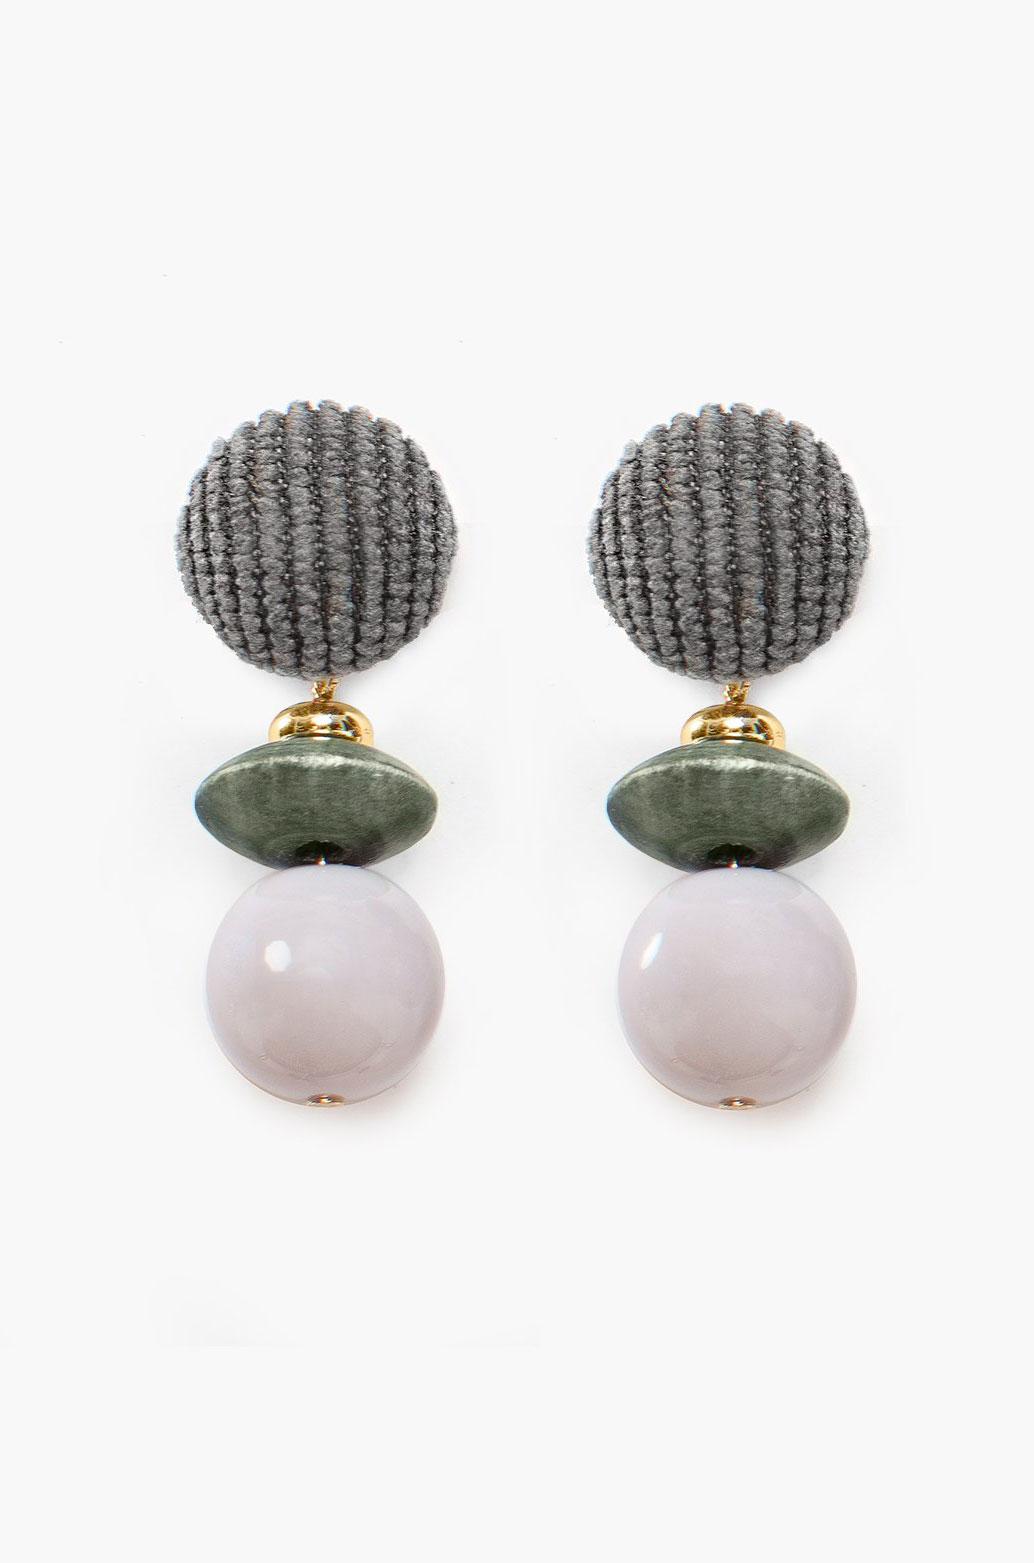 Pixie Market Earrings     $18